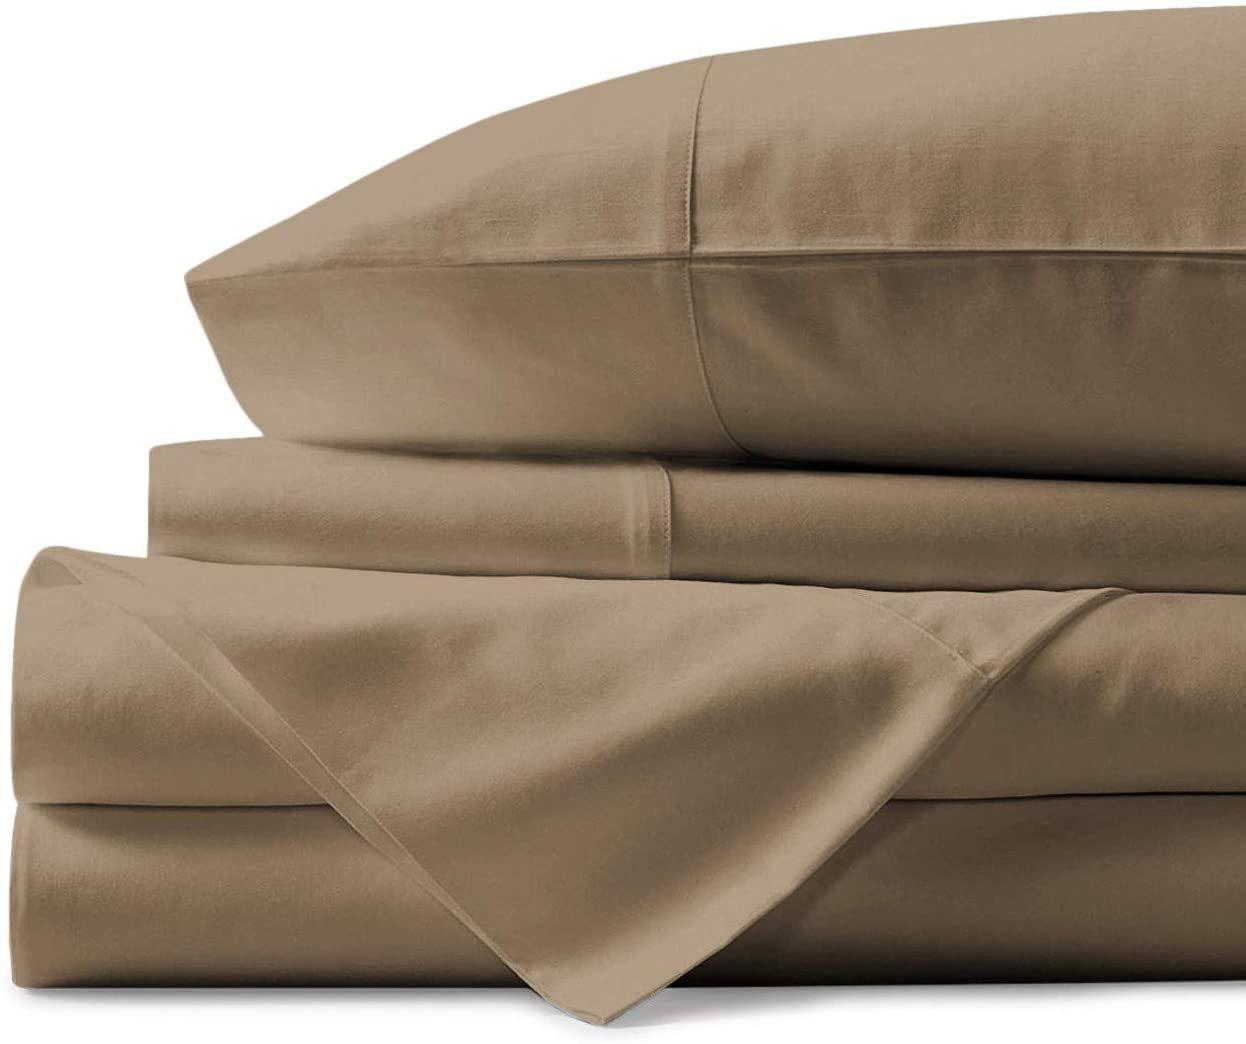 Mayfair Linen 100% Egyptian Cotton Sheet Set